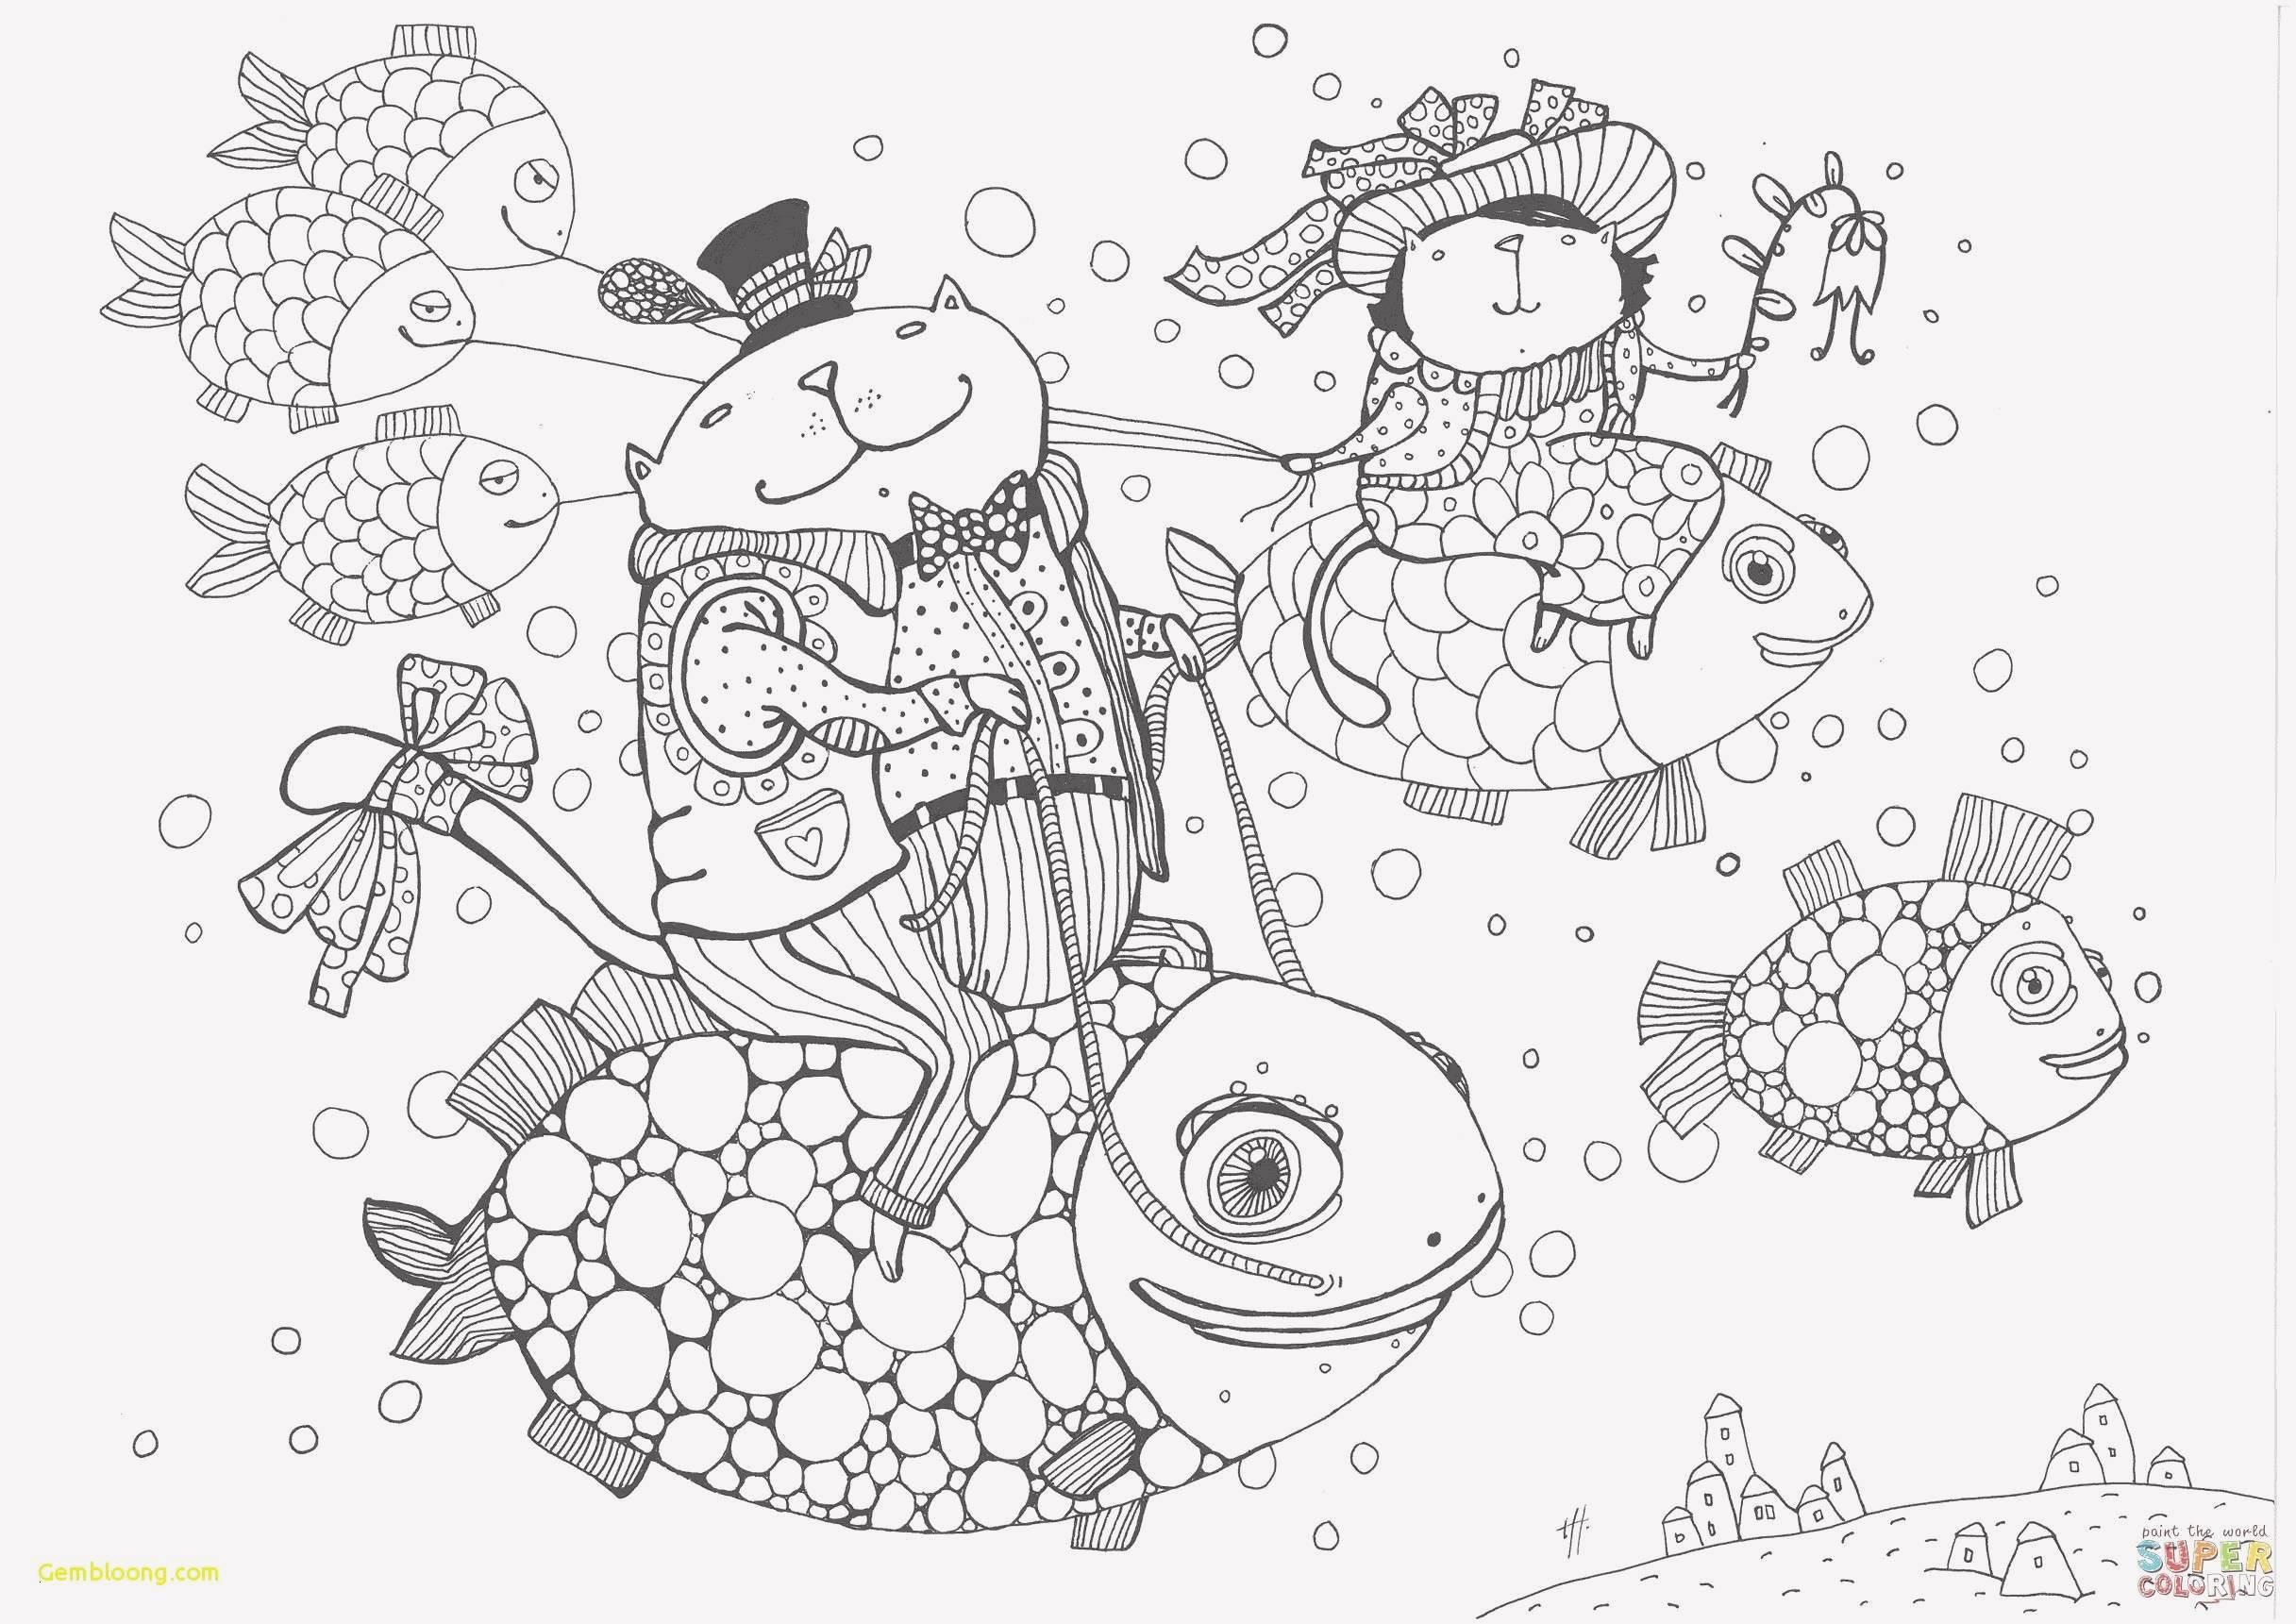 Einhorn Mandala Erwachsene Frisch Coloring Page Genial Ausmalbilder Einhorn Erwachsene Galerie